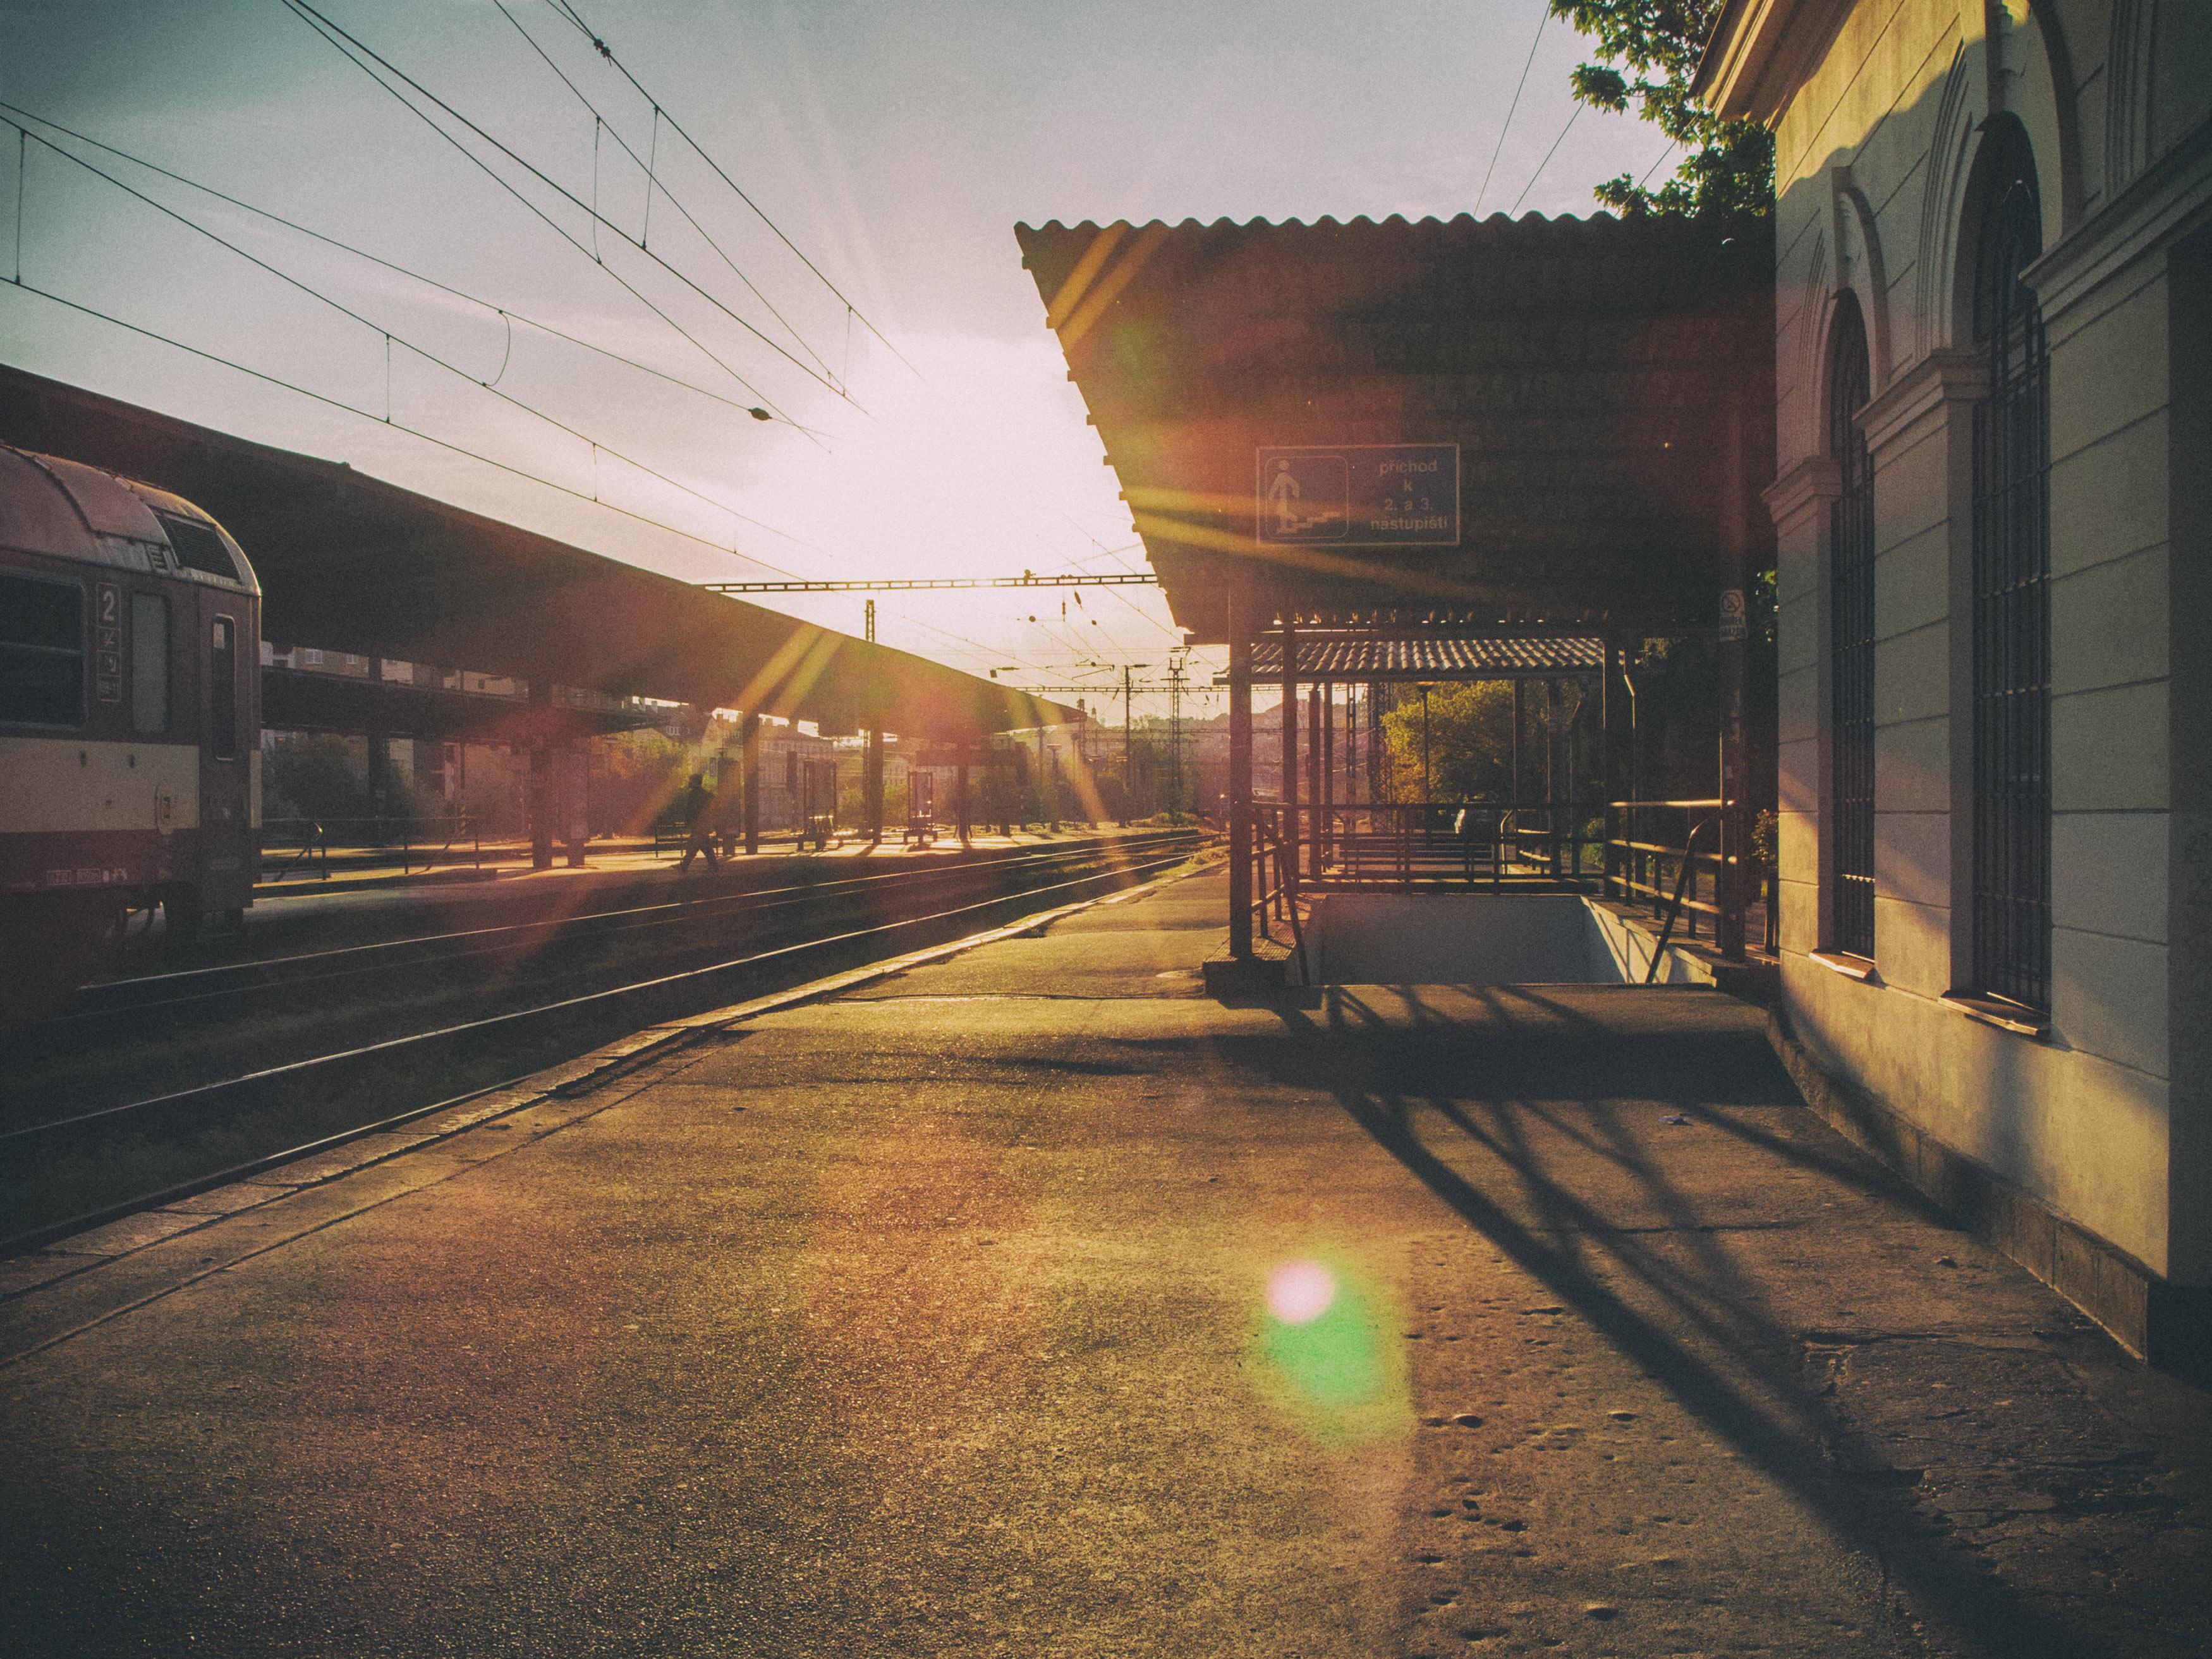 Sunset railway photo